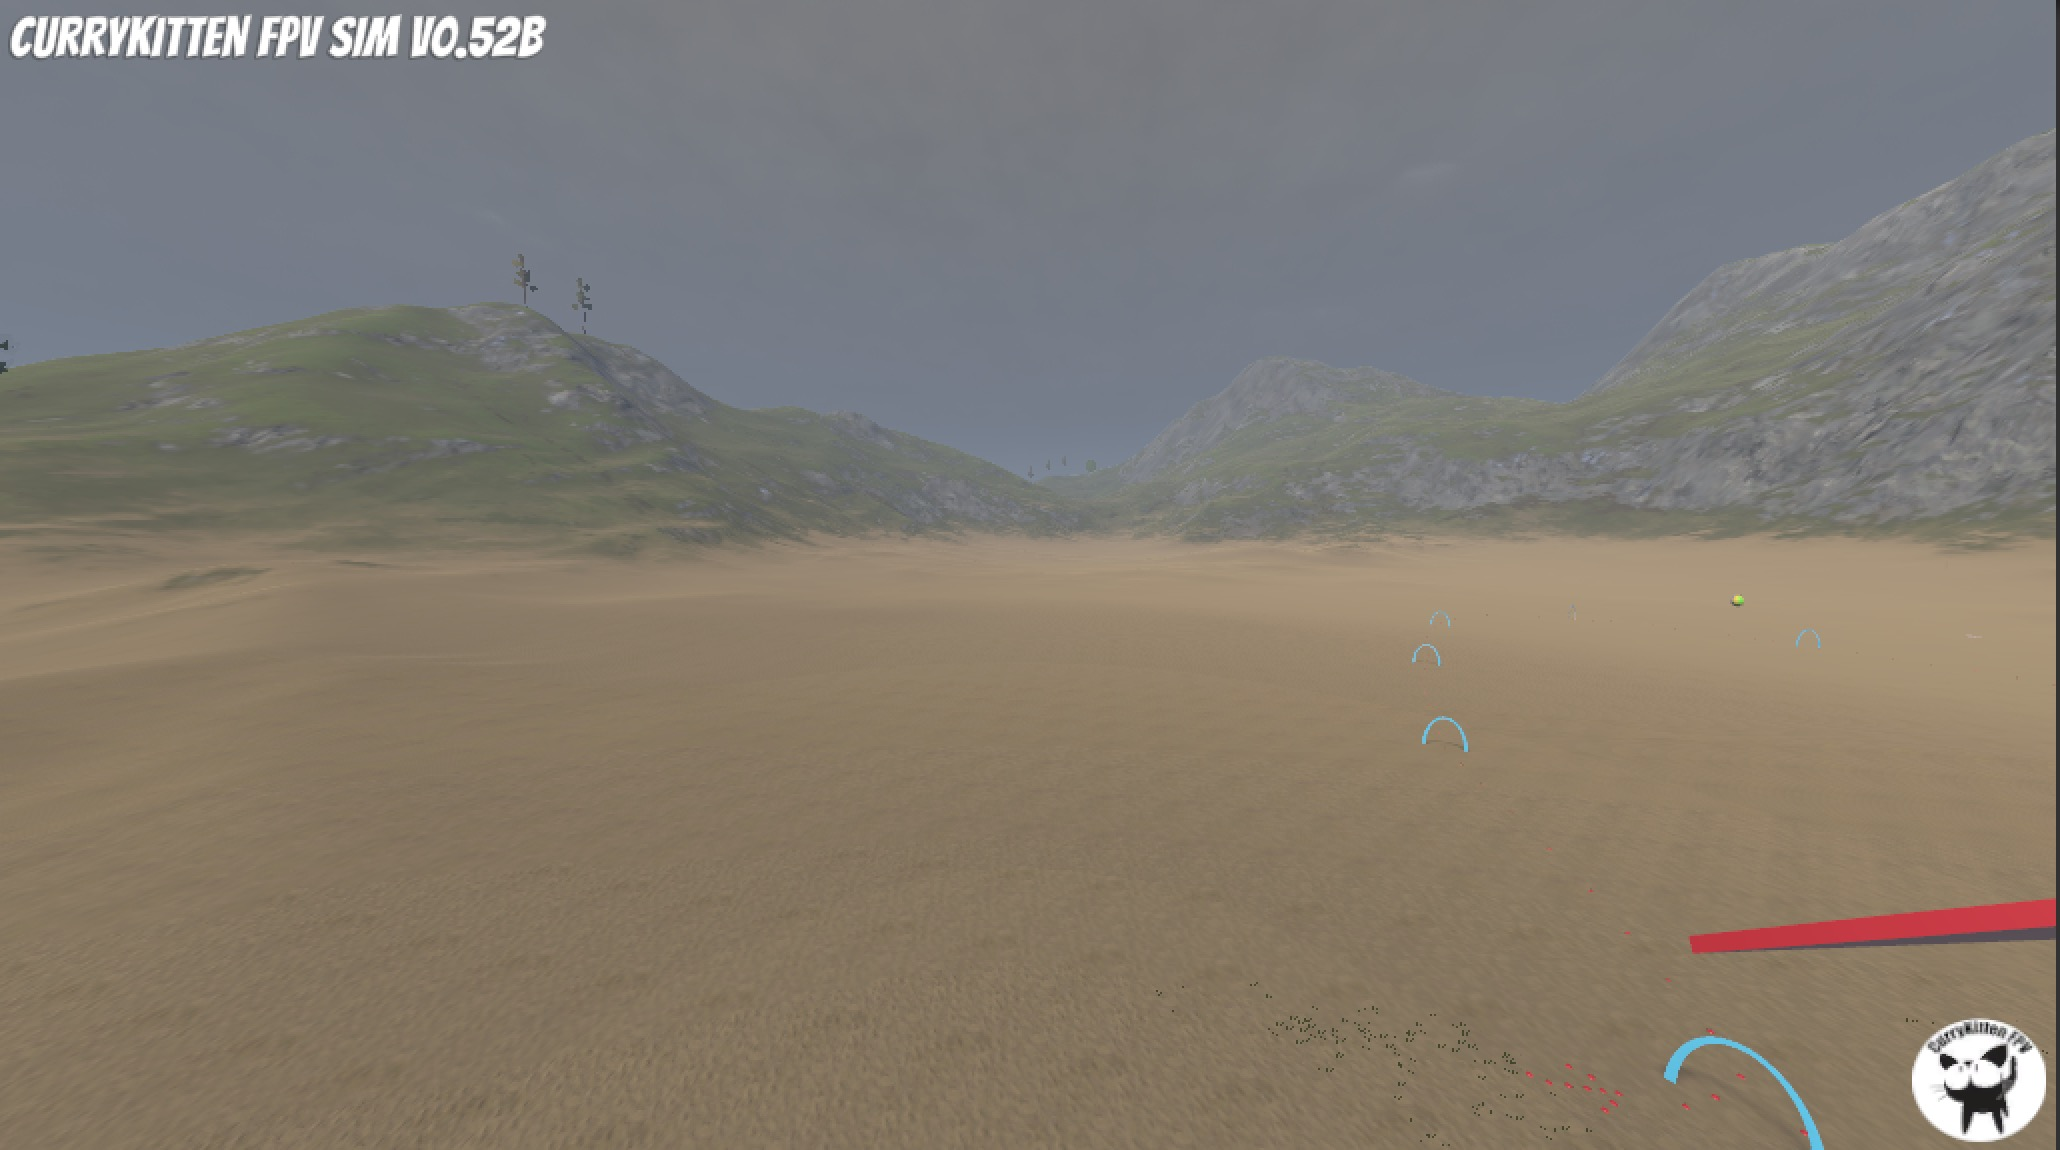 Screenshot 2021-01-12 at 14.40.17.jpg